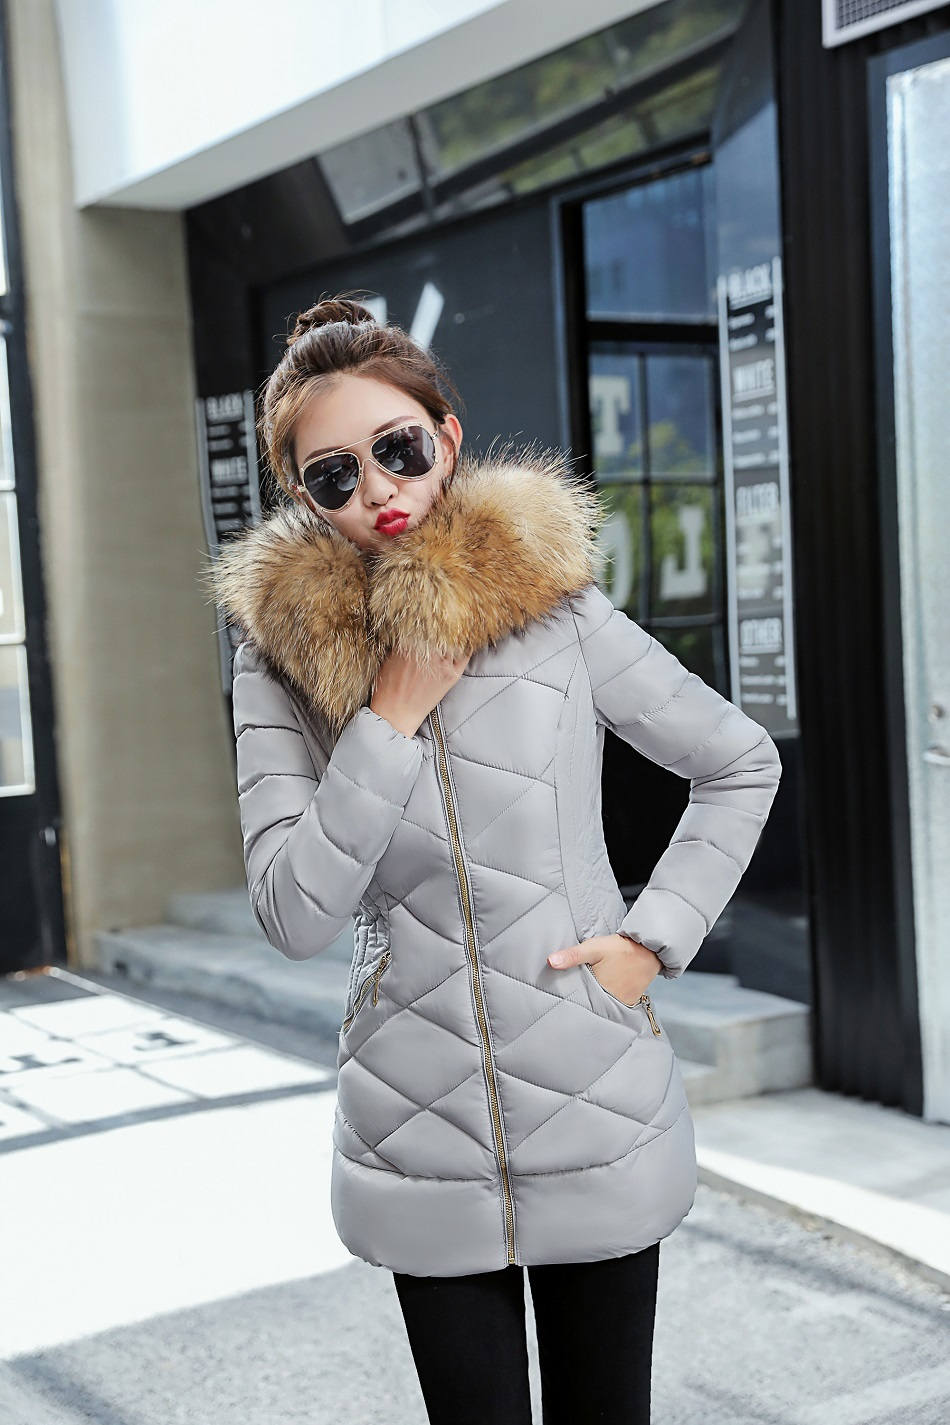 Großhandel Hot Winter Jacke Frauen 2018 Newwinter Frauen Jacke Weibliche Jacke Dicken Mantel Und Mantel Hochwertige Warme Frauen Winter Mäntel